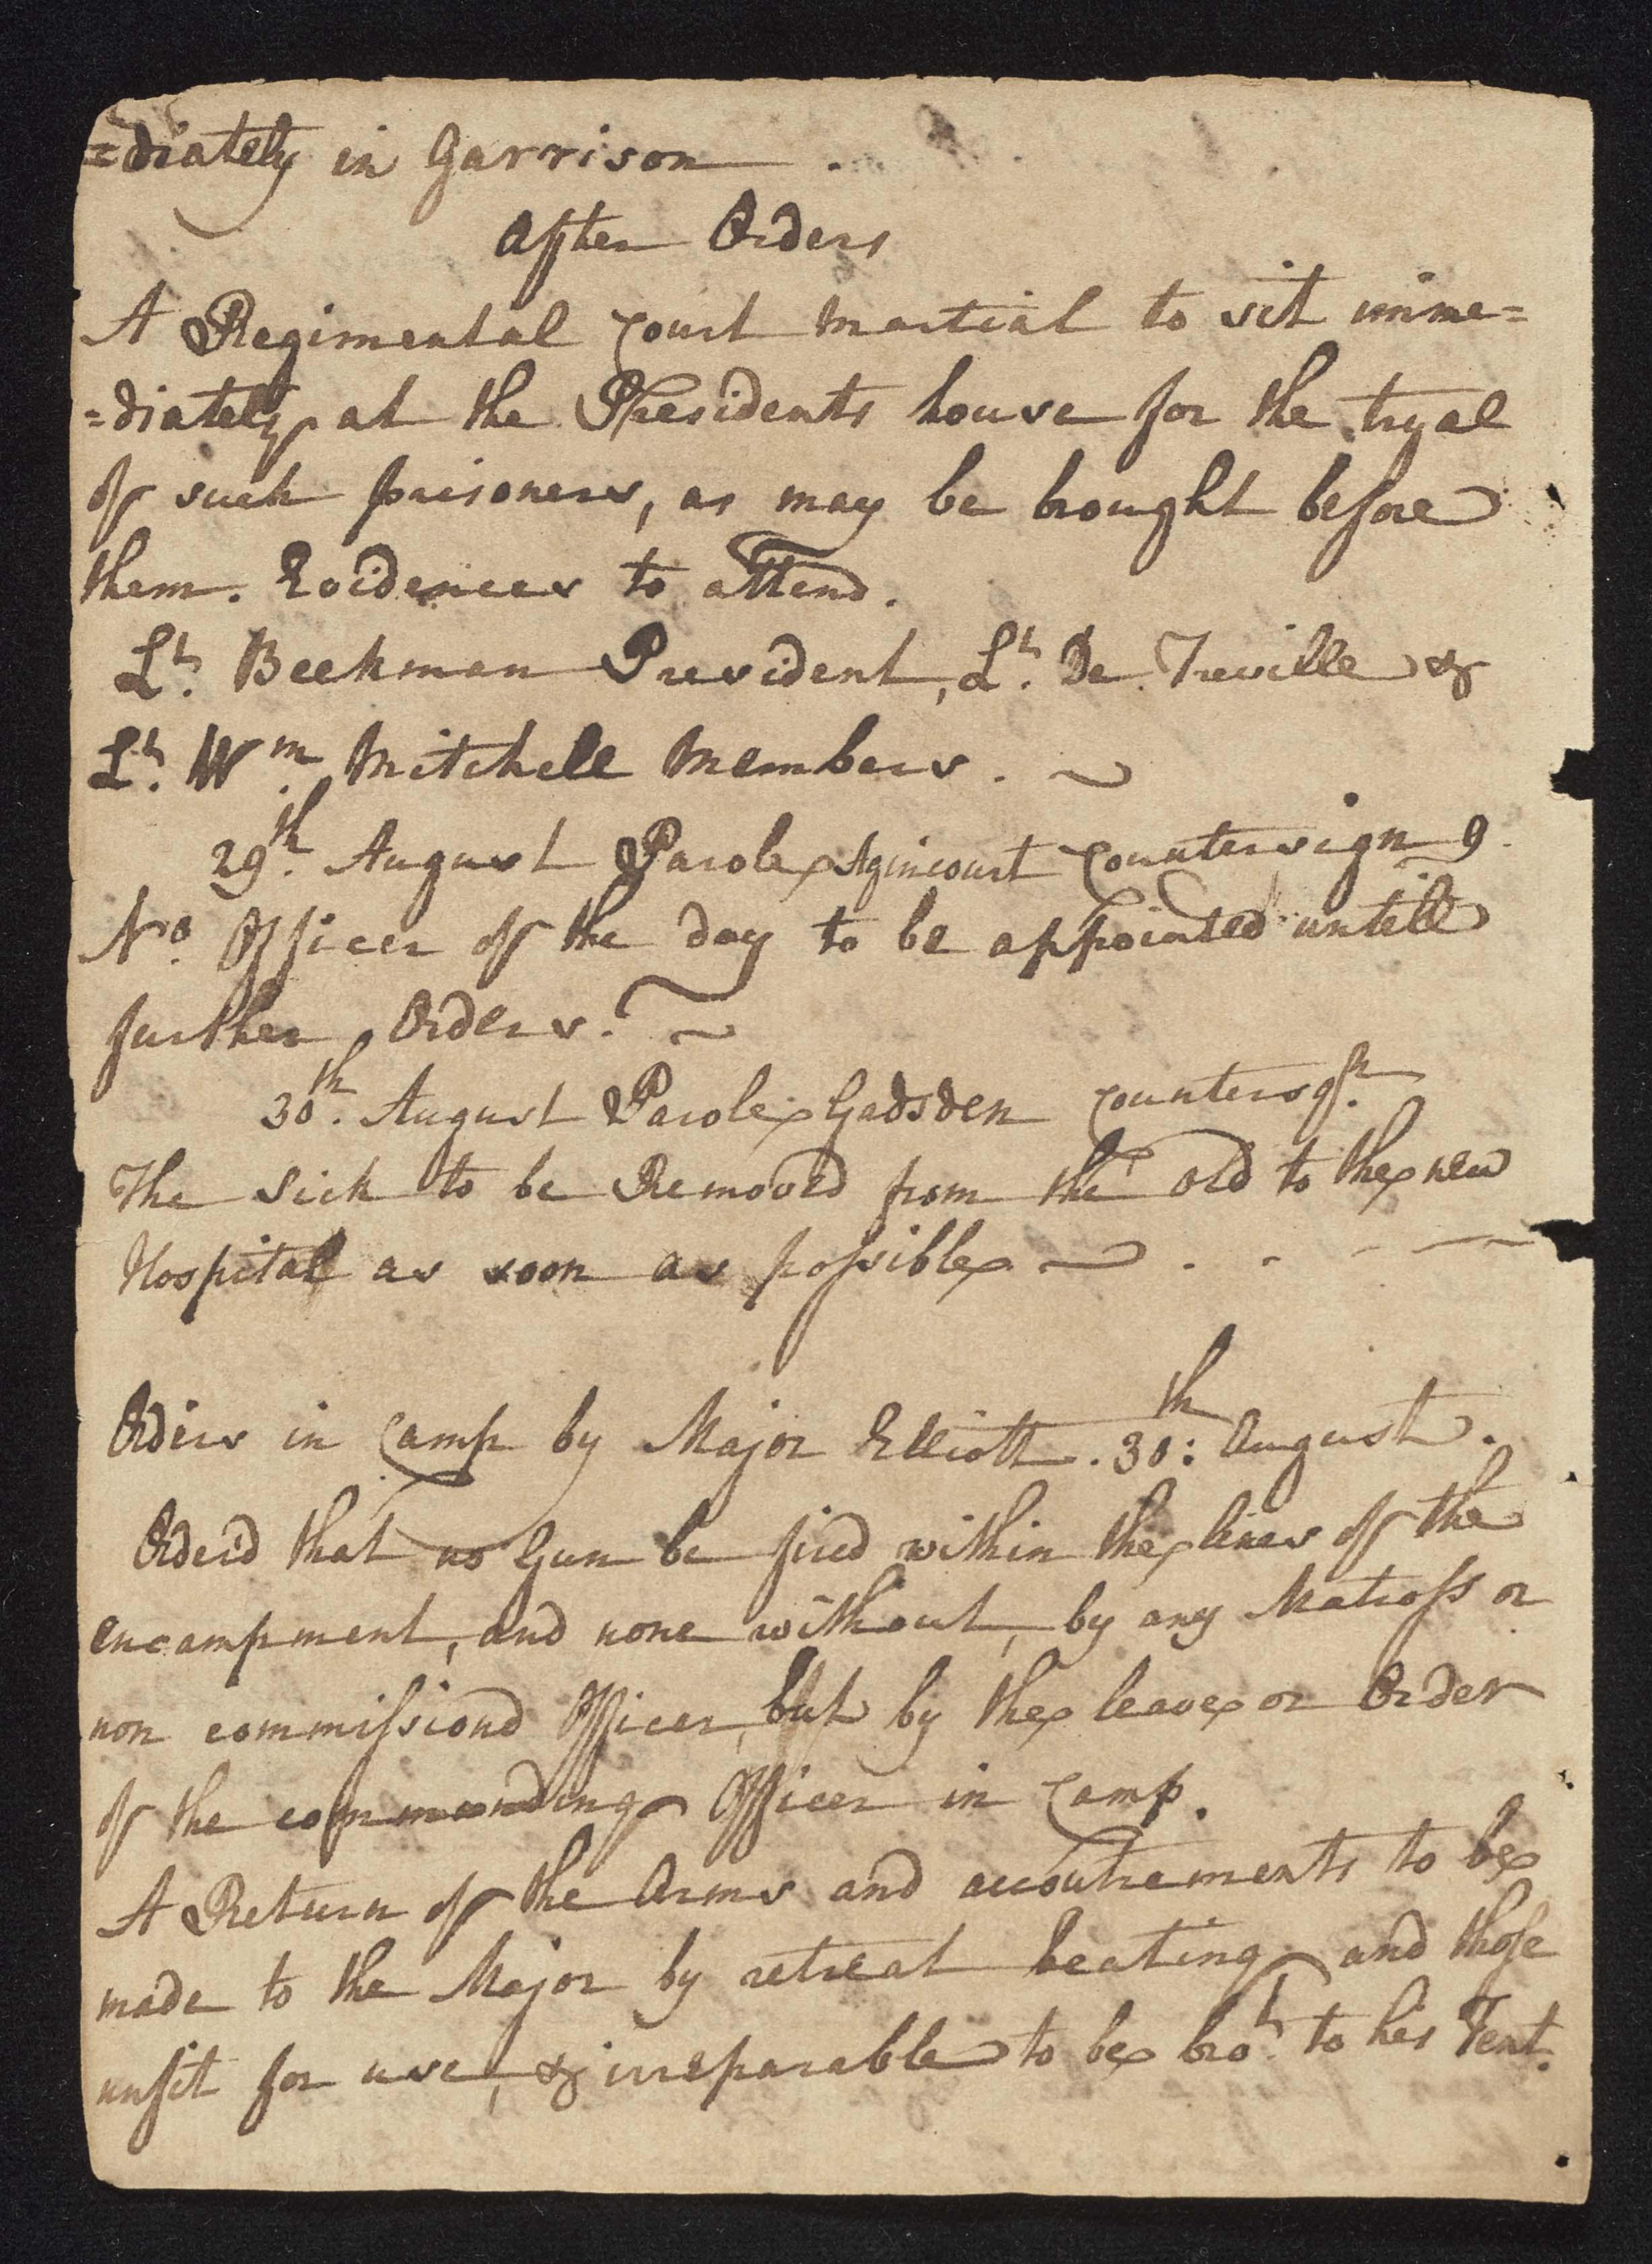 South Carolina Regiment Order Book, Page 172